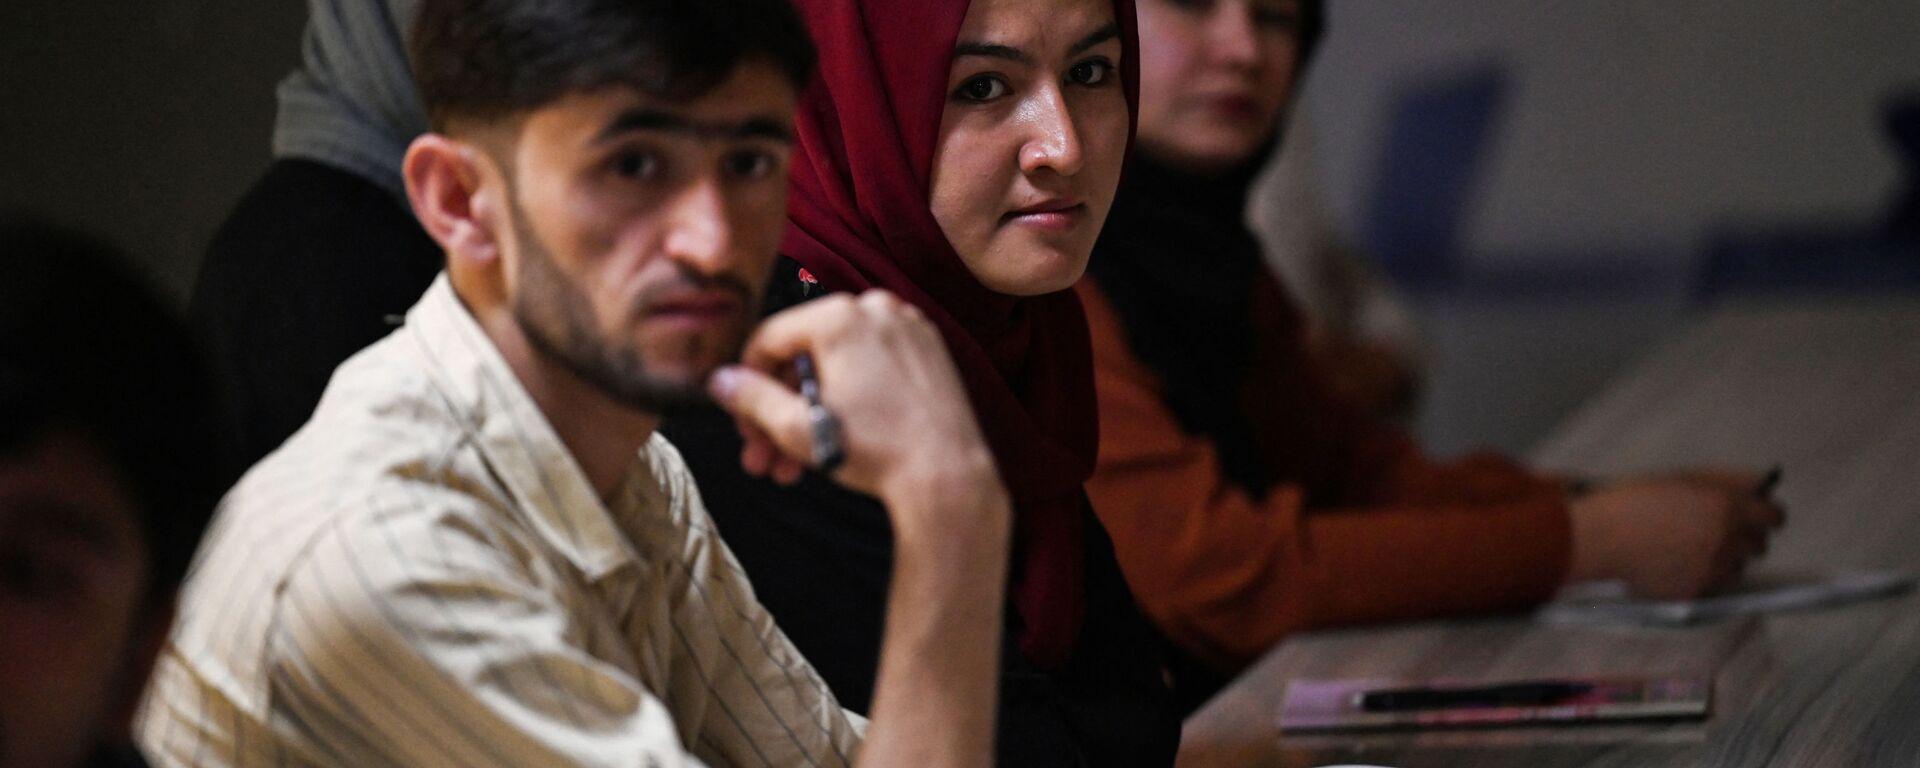 Студенты во время урока в университете в Кабуле  - Sputnik Тоҷикистон, 1920, 18.09.2021